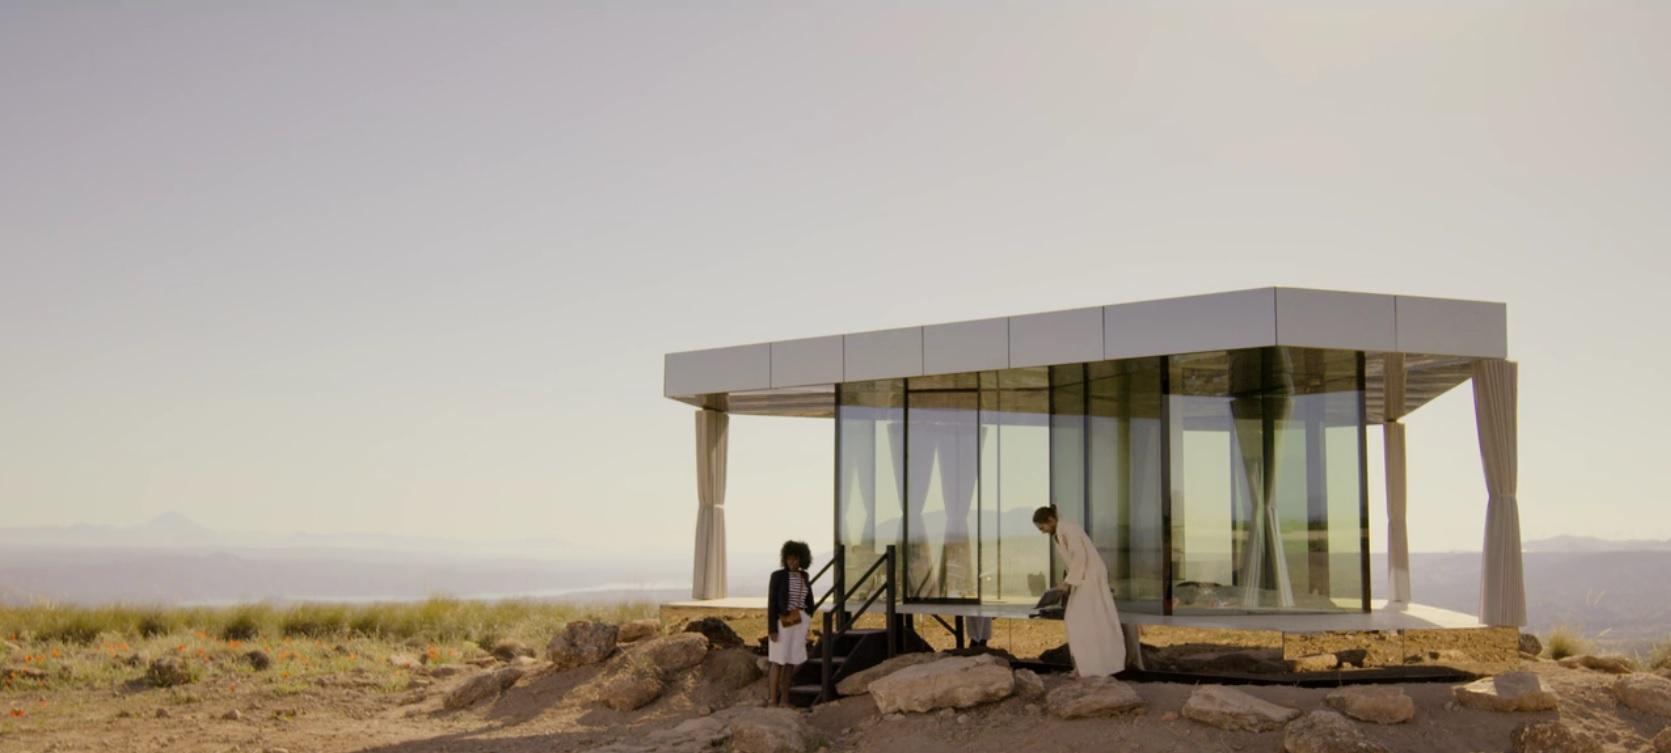 La casa del desierto en Black Mirror - Smithereens 10